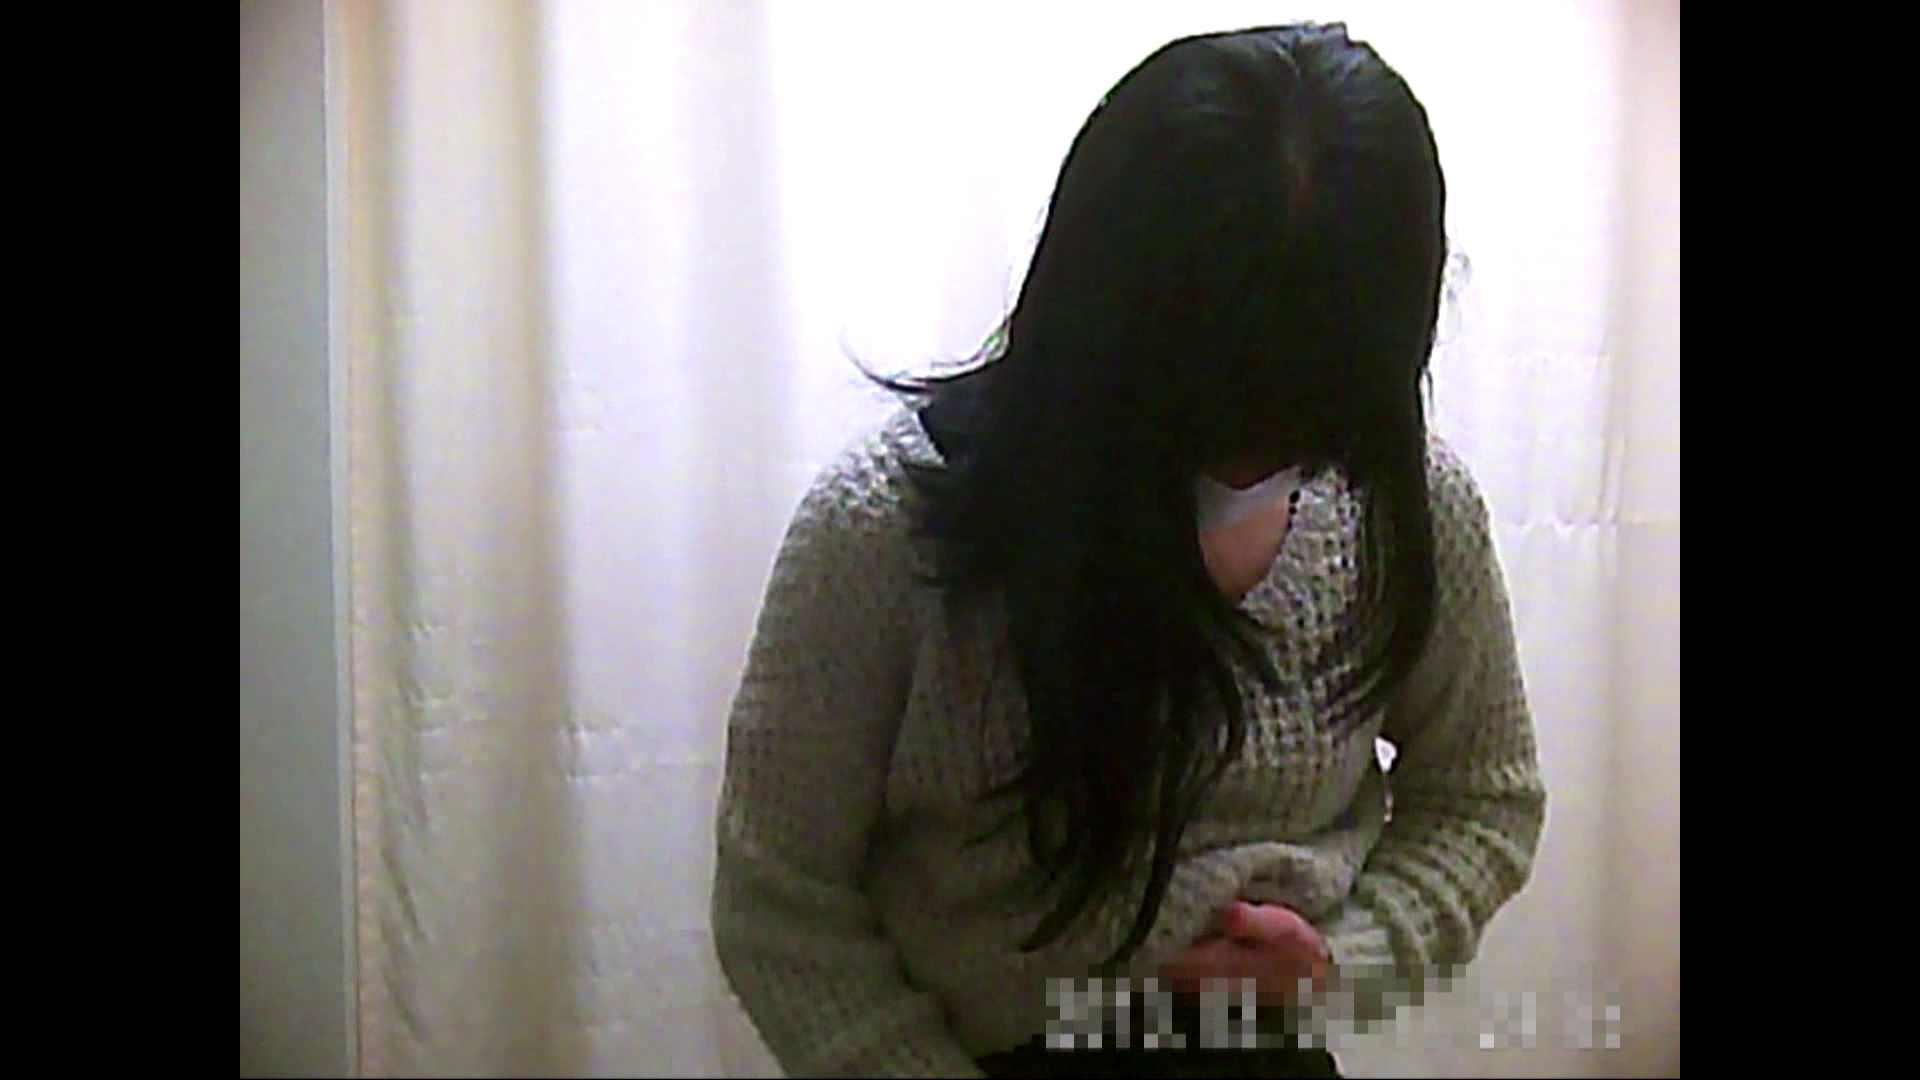 元医者による反抗 更衣室地獄絵巻 vol.103 OLハメ撮り  89Pix 77